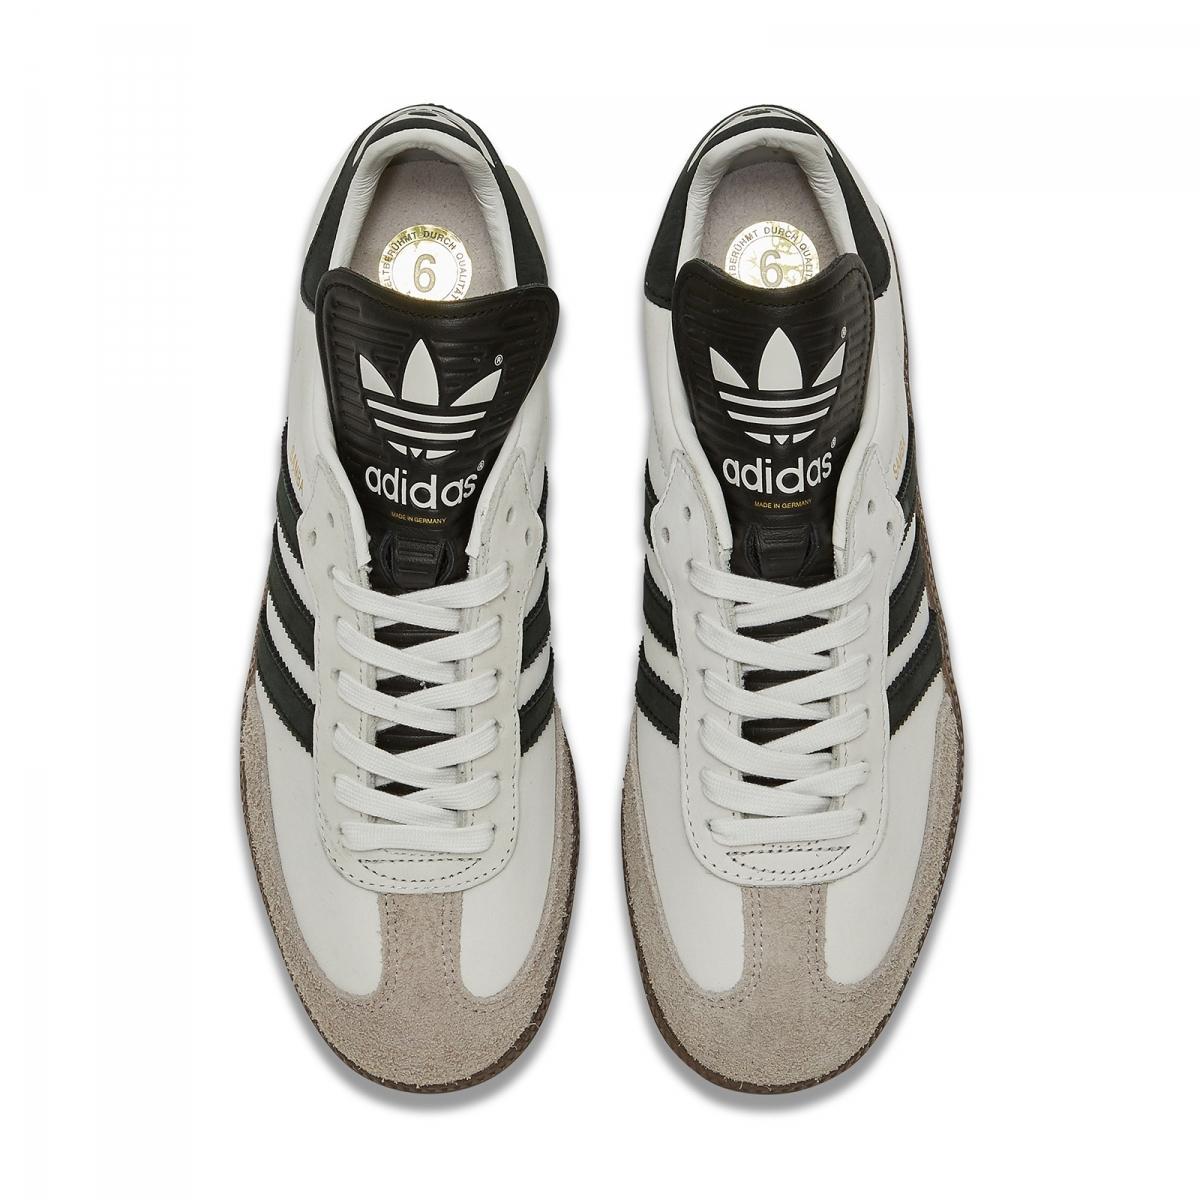 Lyst adidas Originals Samba Classic og zapatillas en blanco para los hombres